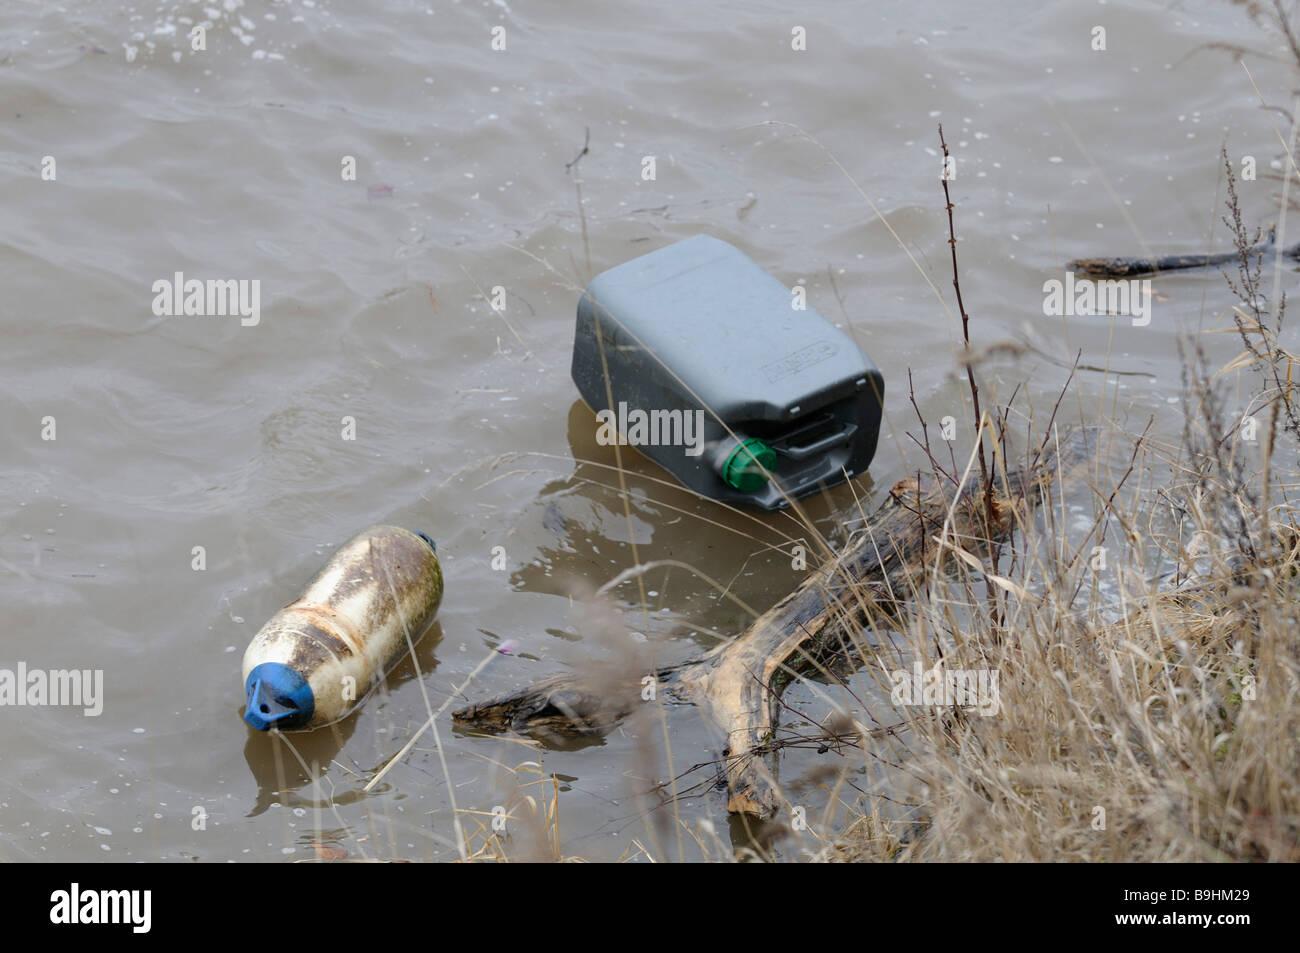 Fluss mit Treibgut entlang des Ufers, Umweltverschmutzung Stockbild